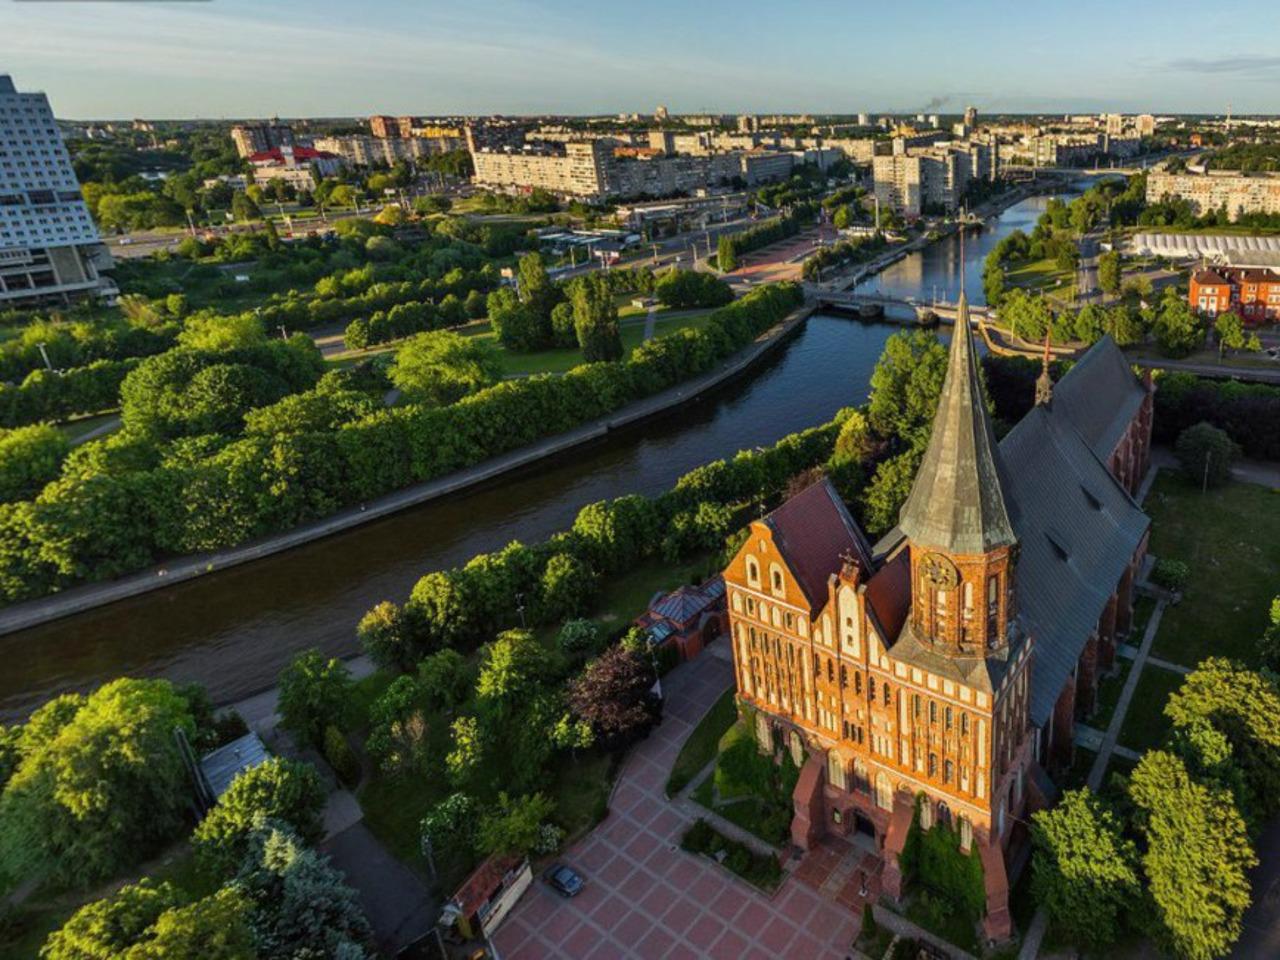 Исследуем Калининград и область за 4 дня  - индивидуальная экскурсия в Калининграде от опытного гида